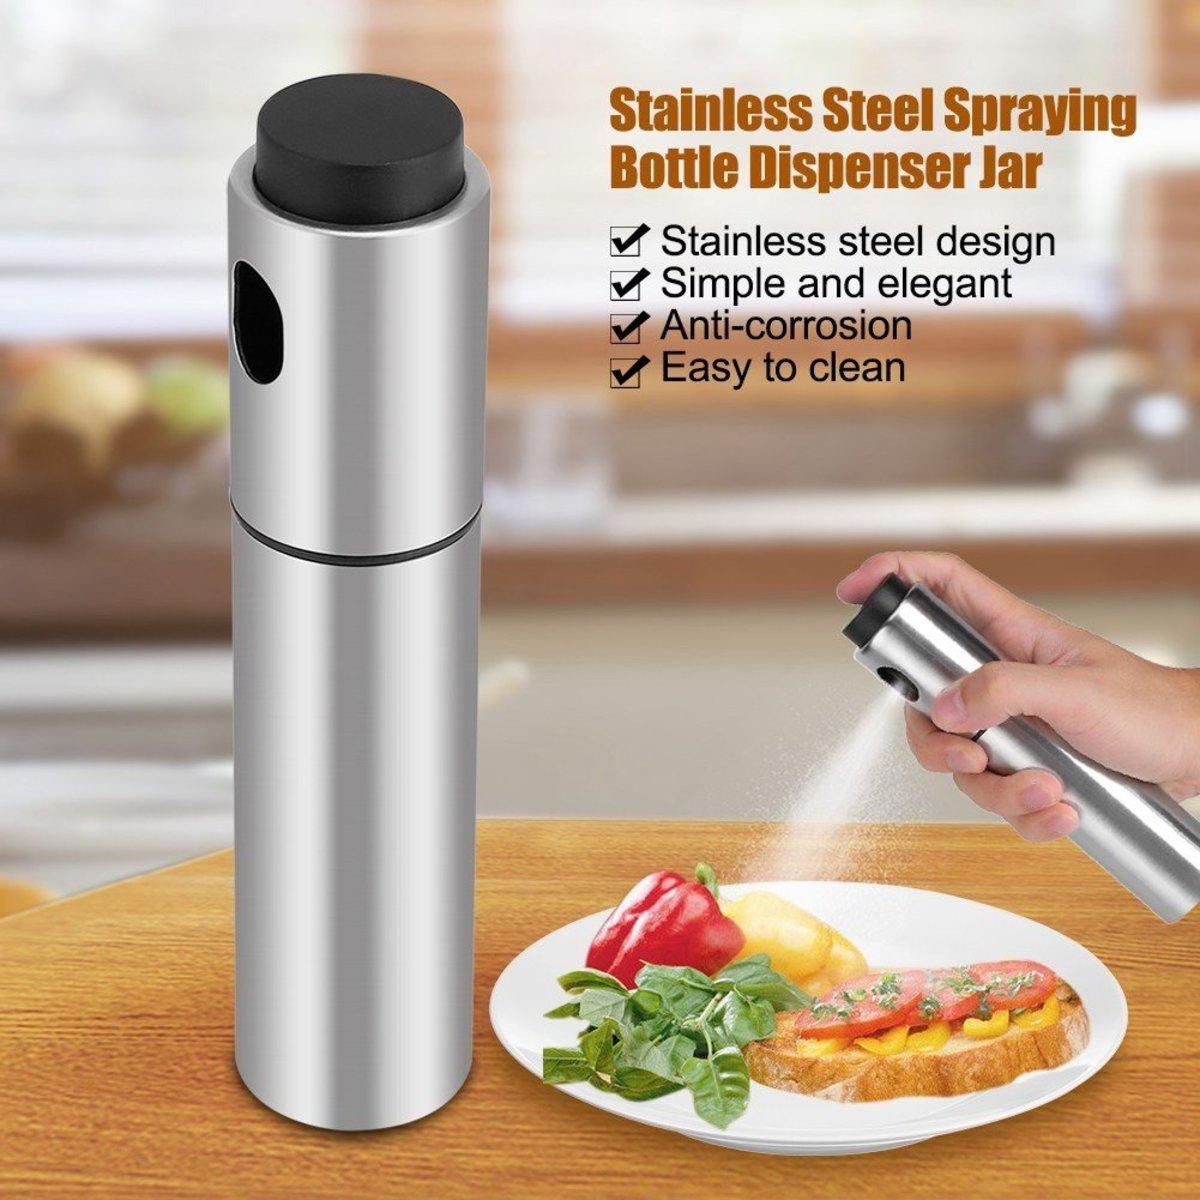 Stainless Steel Oil Sprayer/ Multi function sprayer